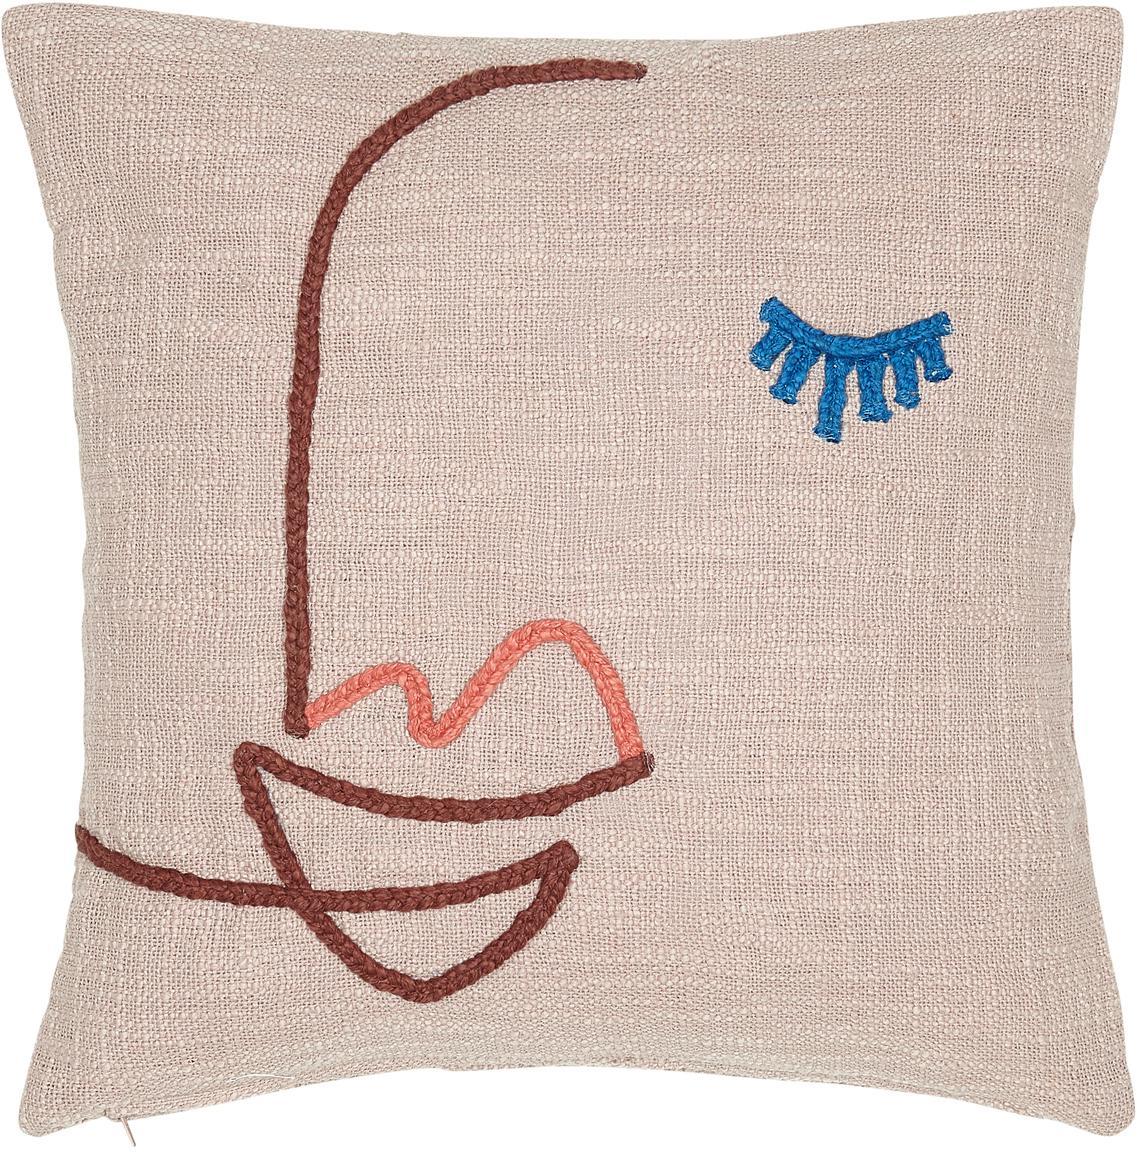 Funda de cojín bordada de algodón ecológico Faces, 100%algodón ecológico, Rosa, rojo oscuro, azul, An 45 x L 45 cm